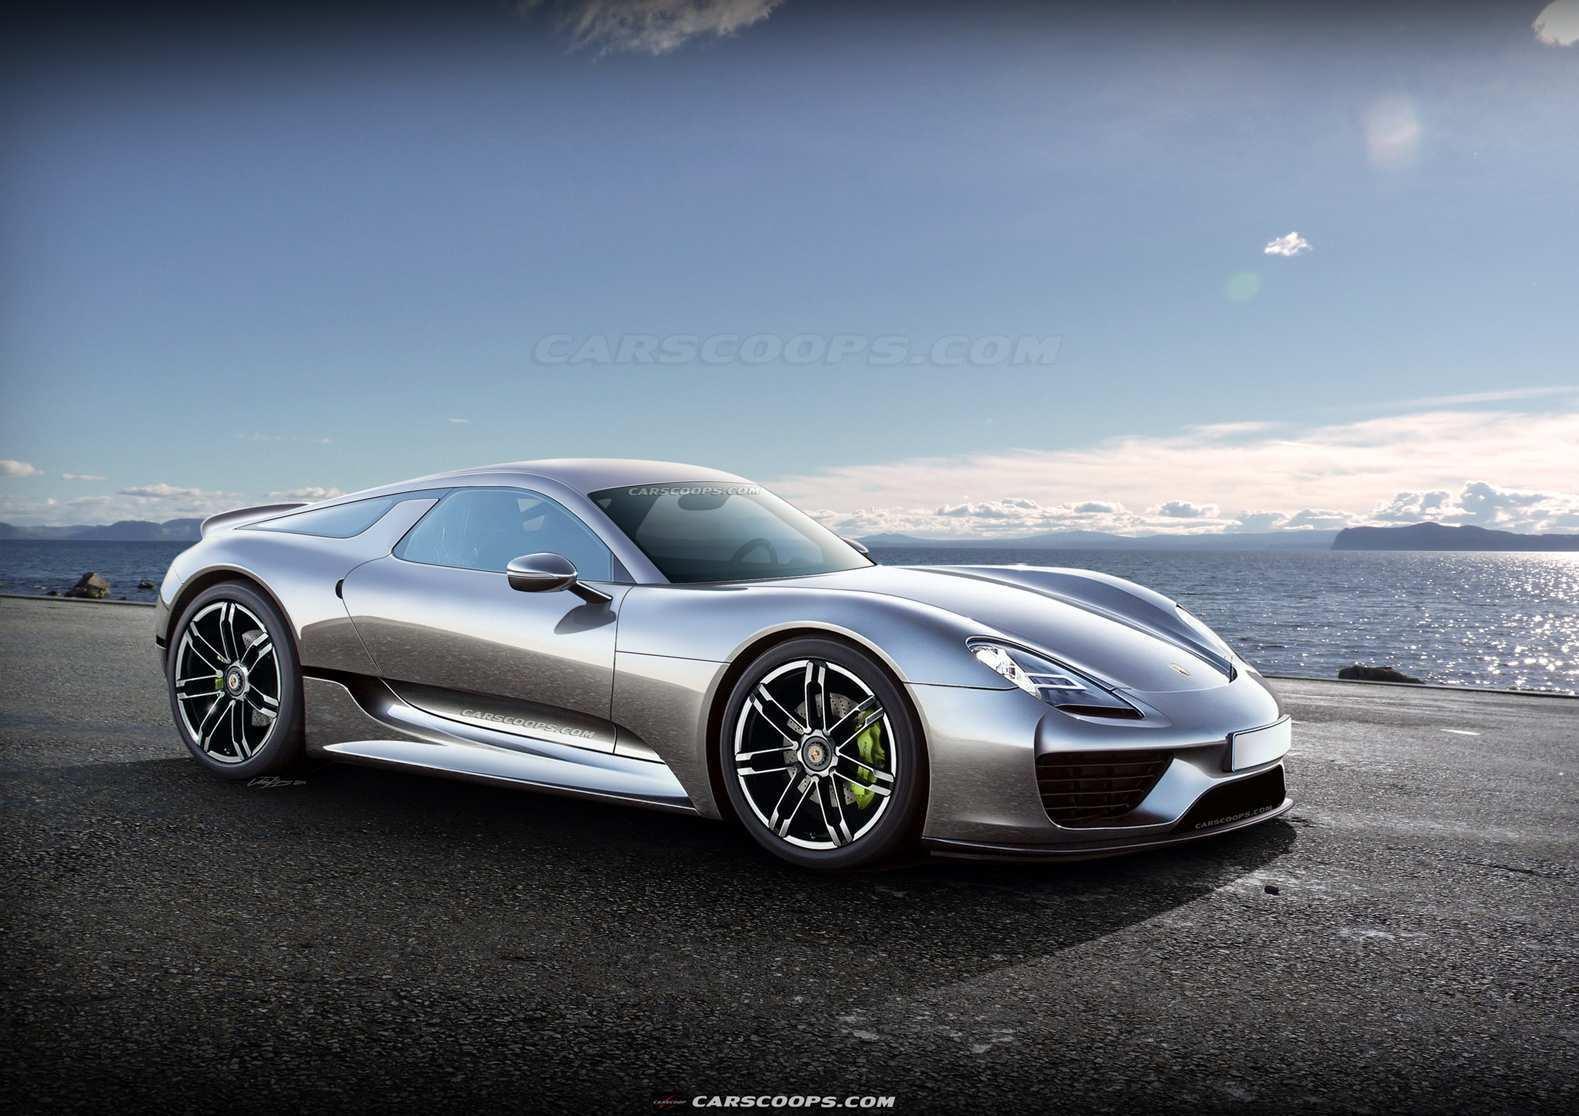 64 New 2019 Porsche 928 Pictures with 2019 Porsche 928